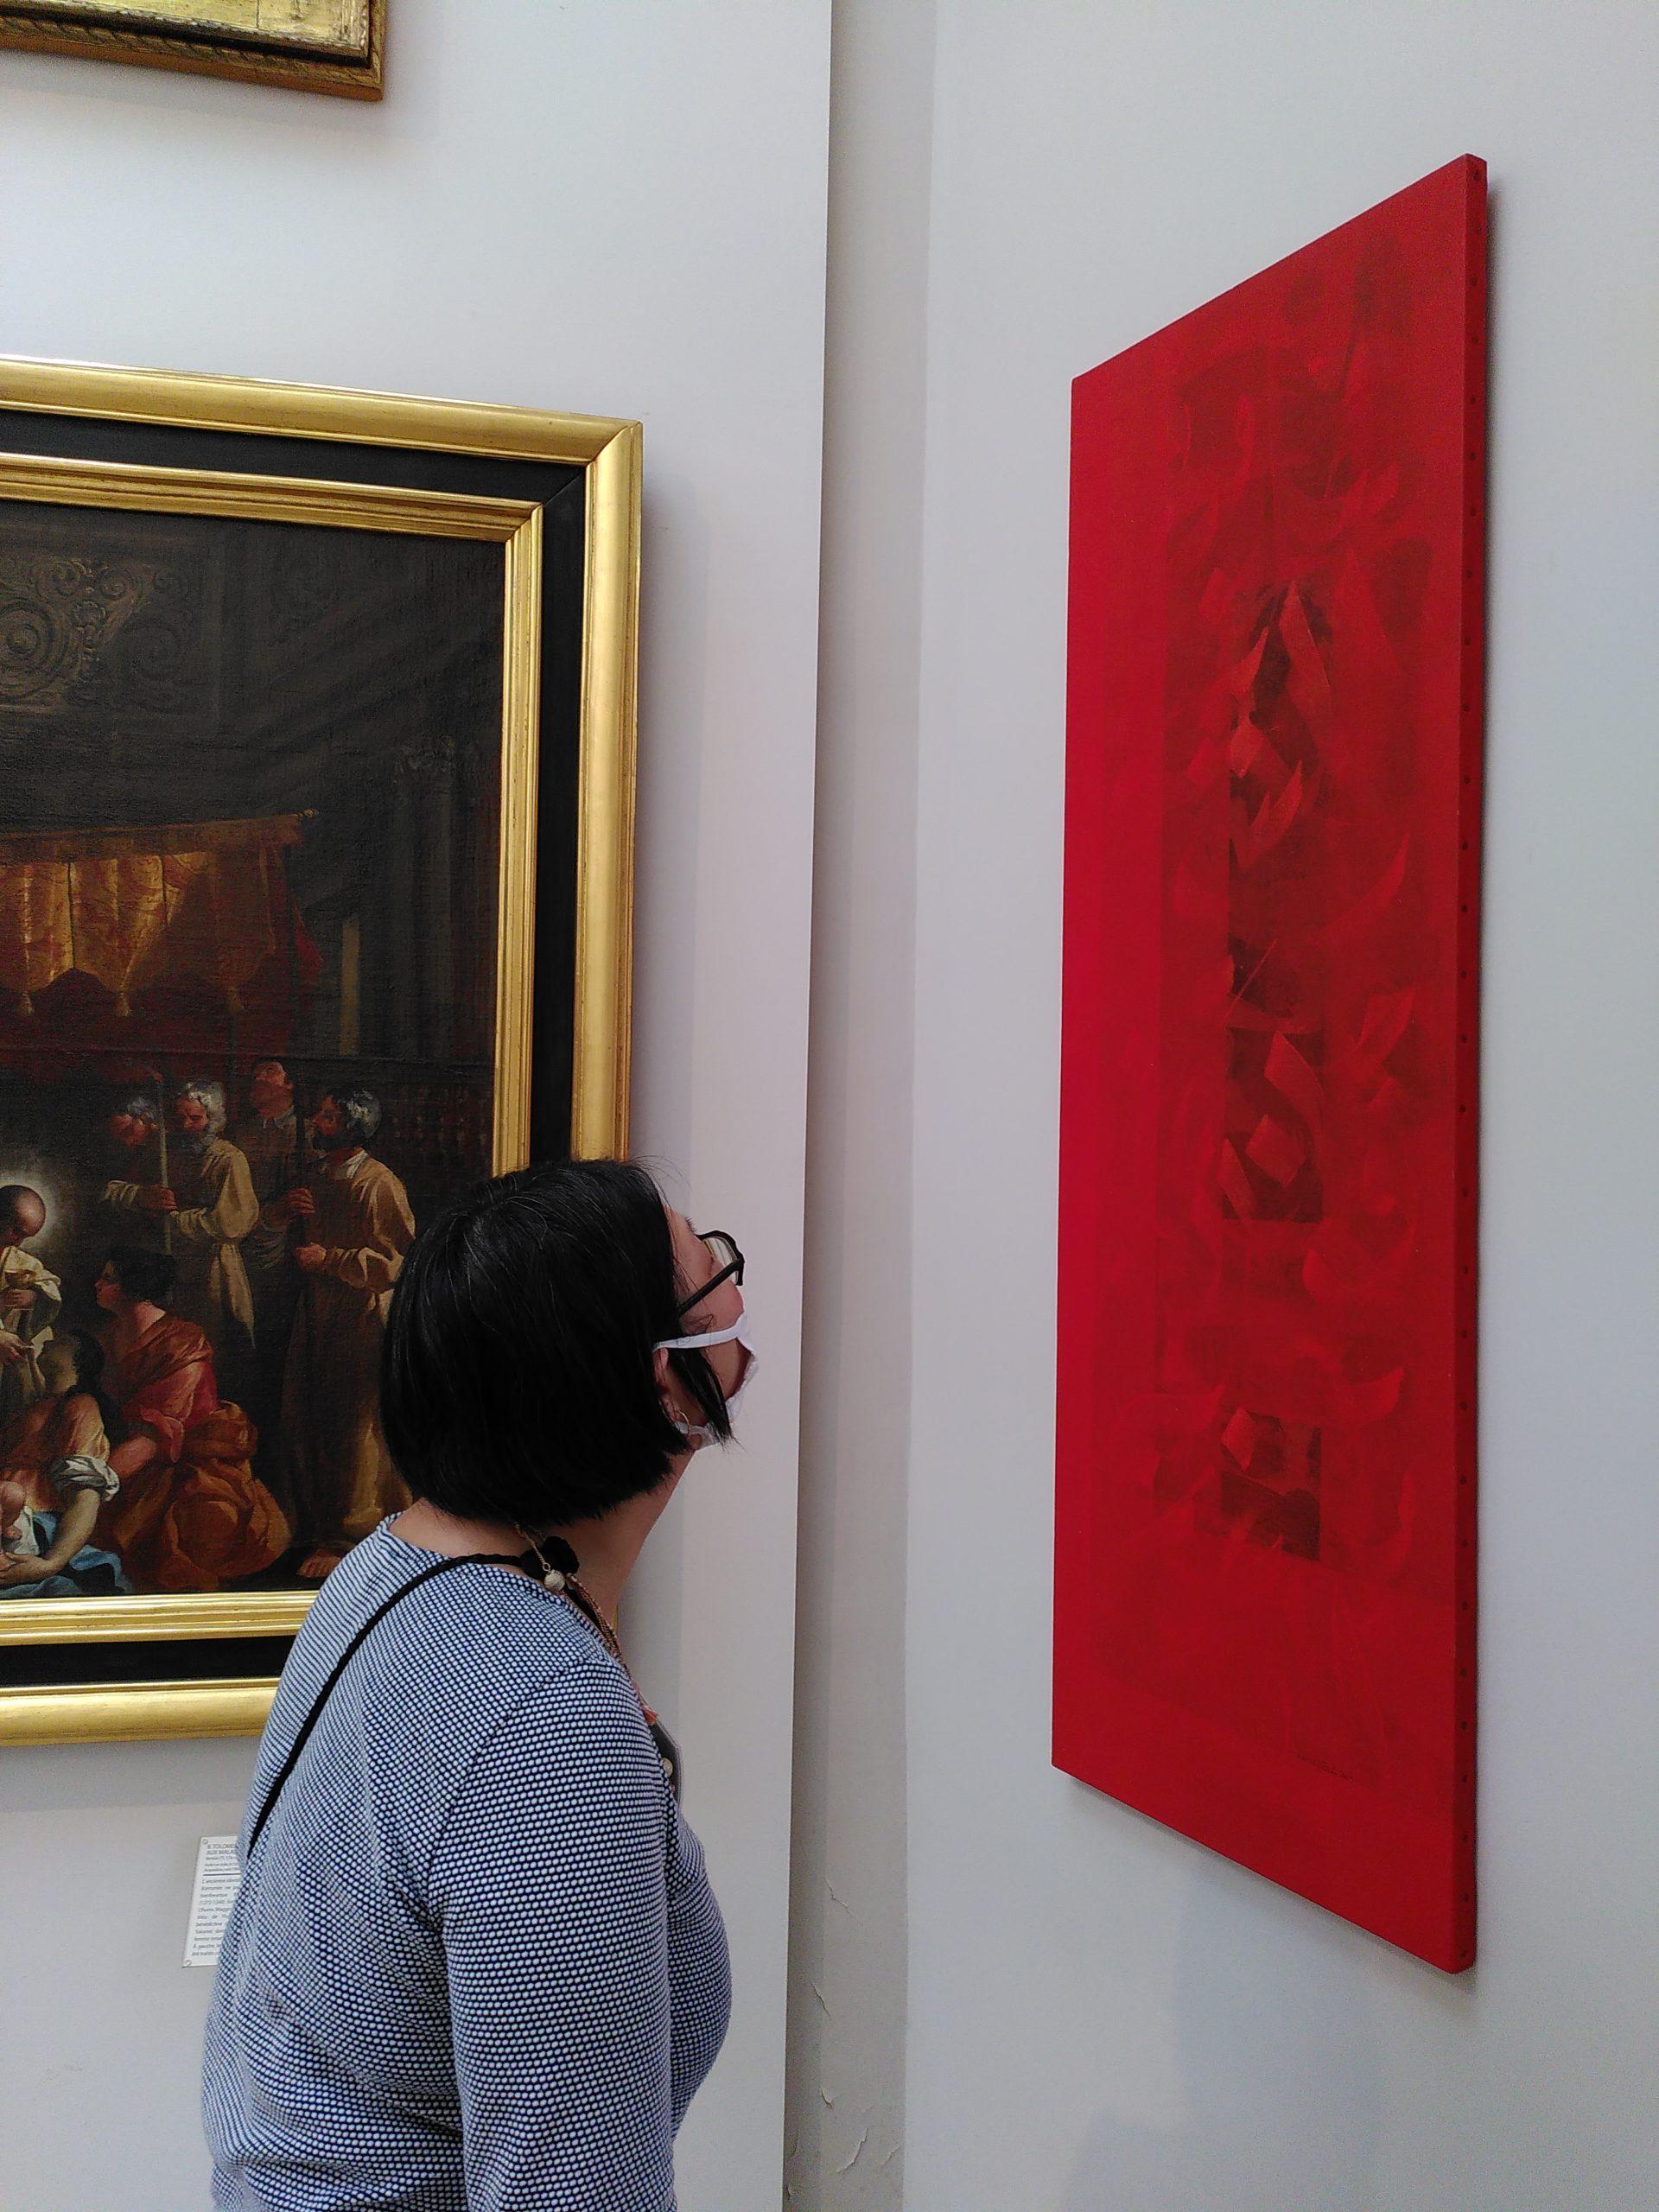 Impression, acrylique sur toile, 150 x 50 cm